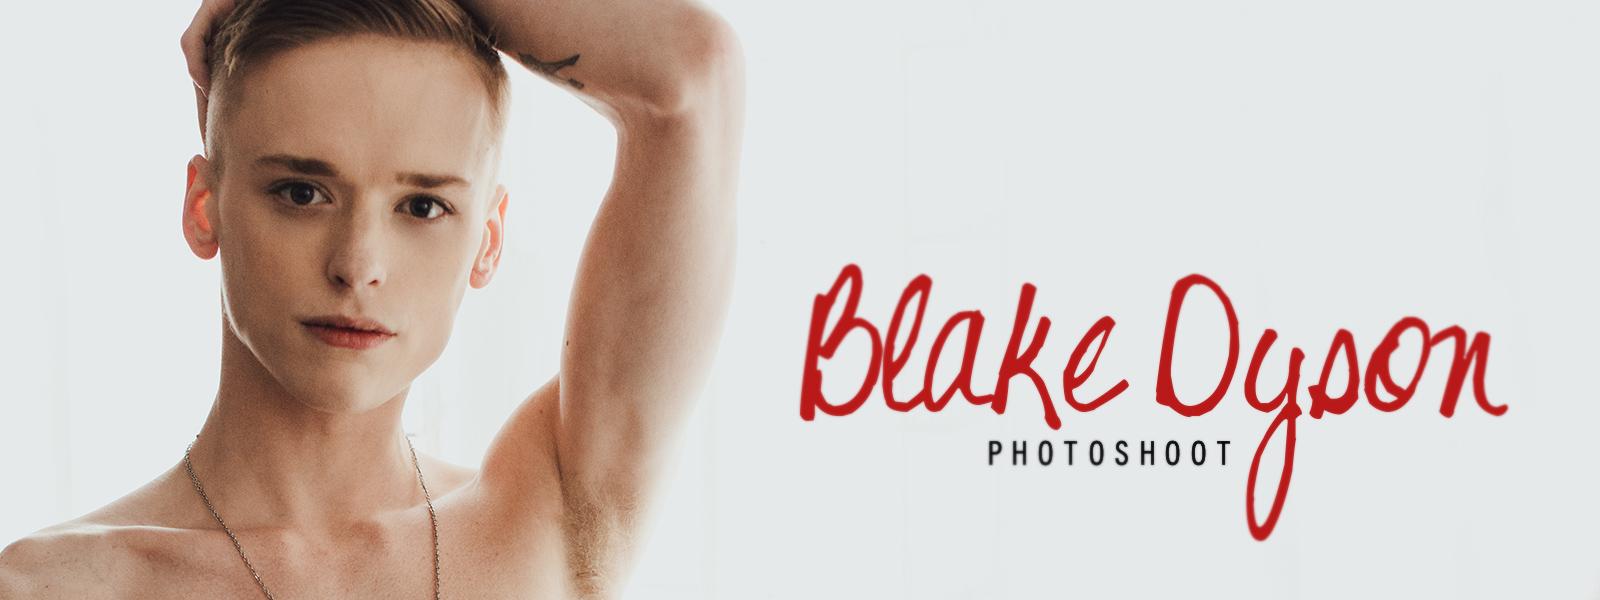 Blake Dyson Photoshoot